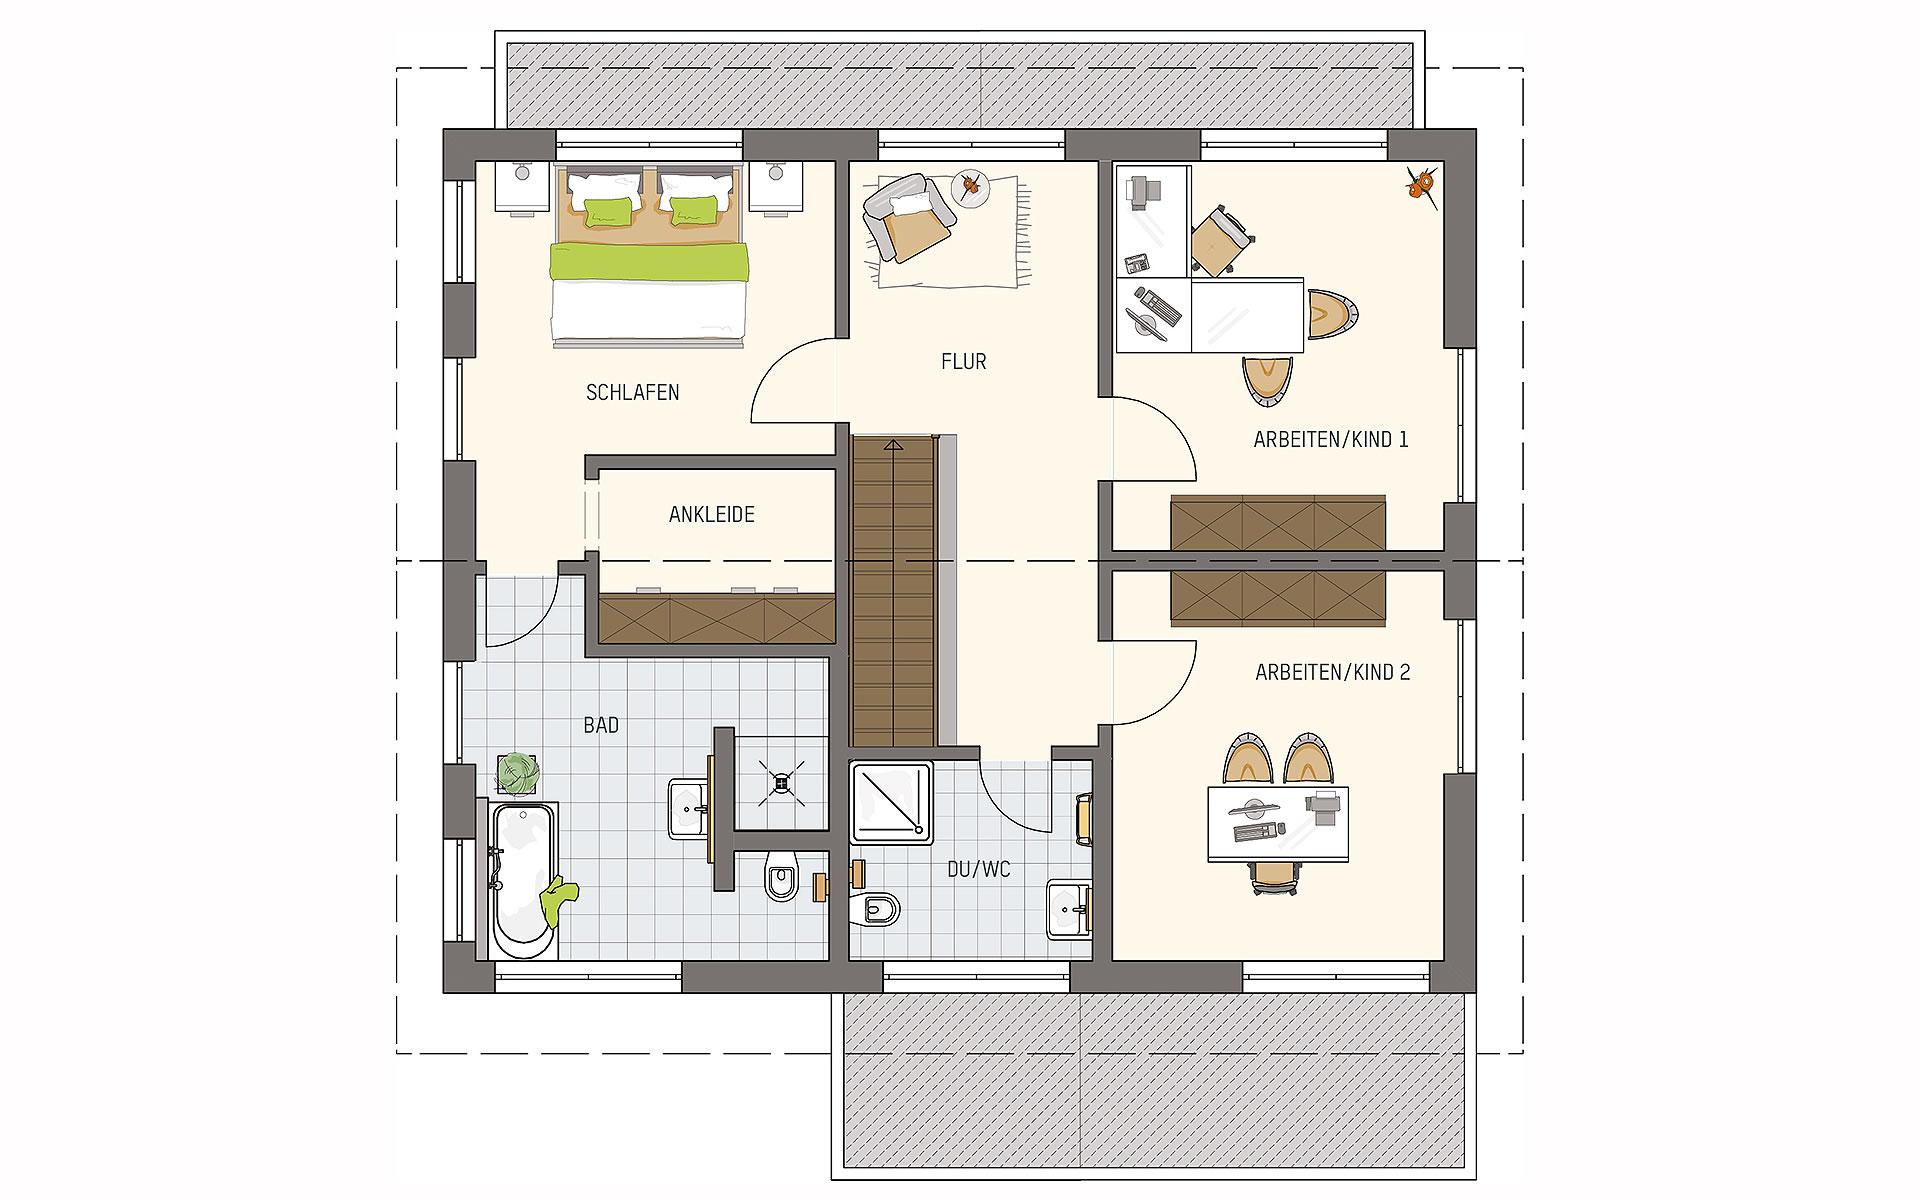 Dachgeschoss MEDLEY 3.0 - MH Fellbach von FingerHaus GmbH